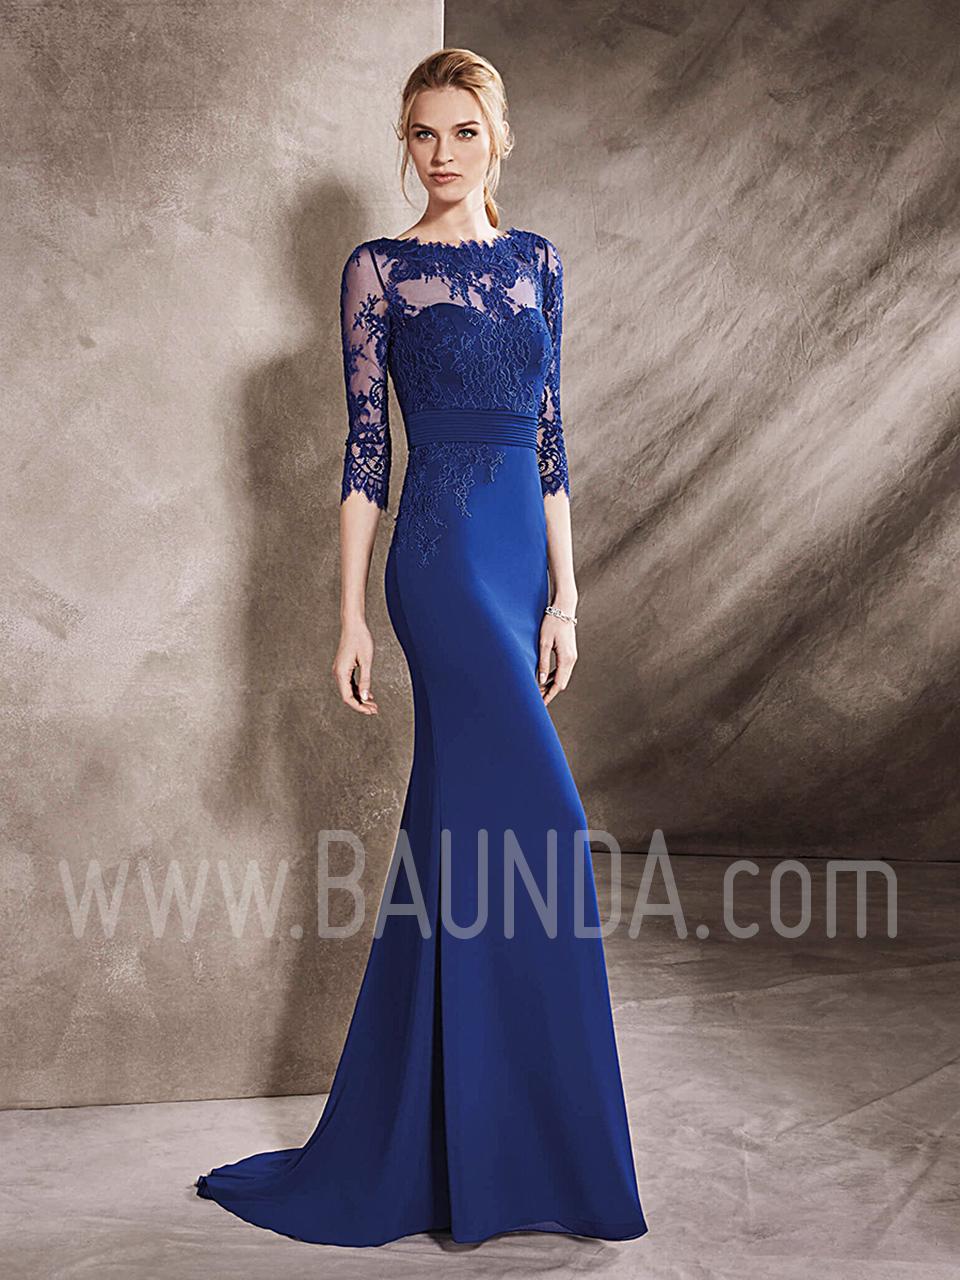 80c7b580fe Vestidos de noche azul cobalto - Vestidos formales